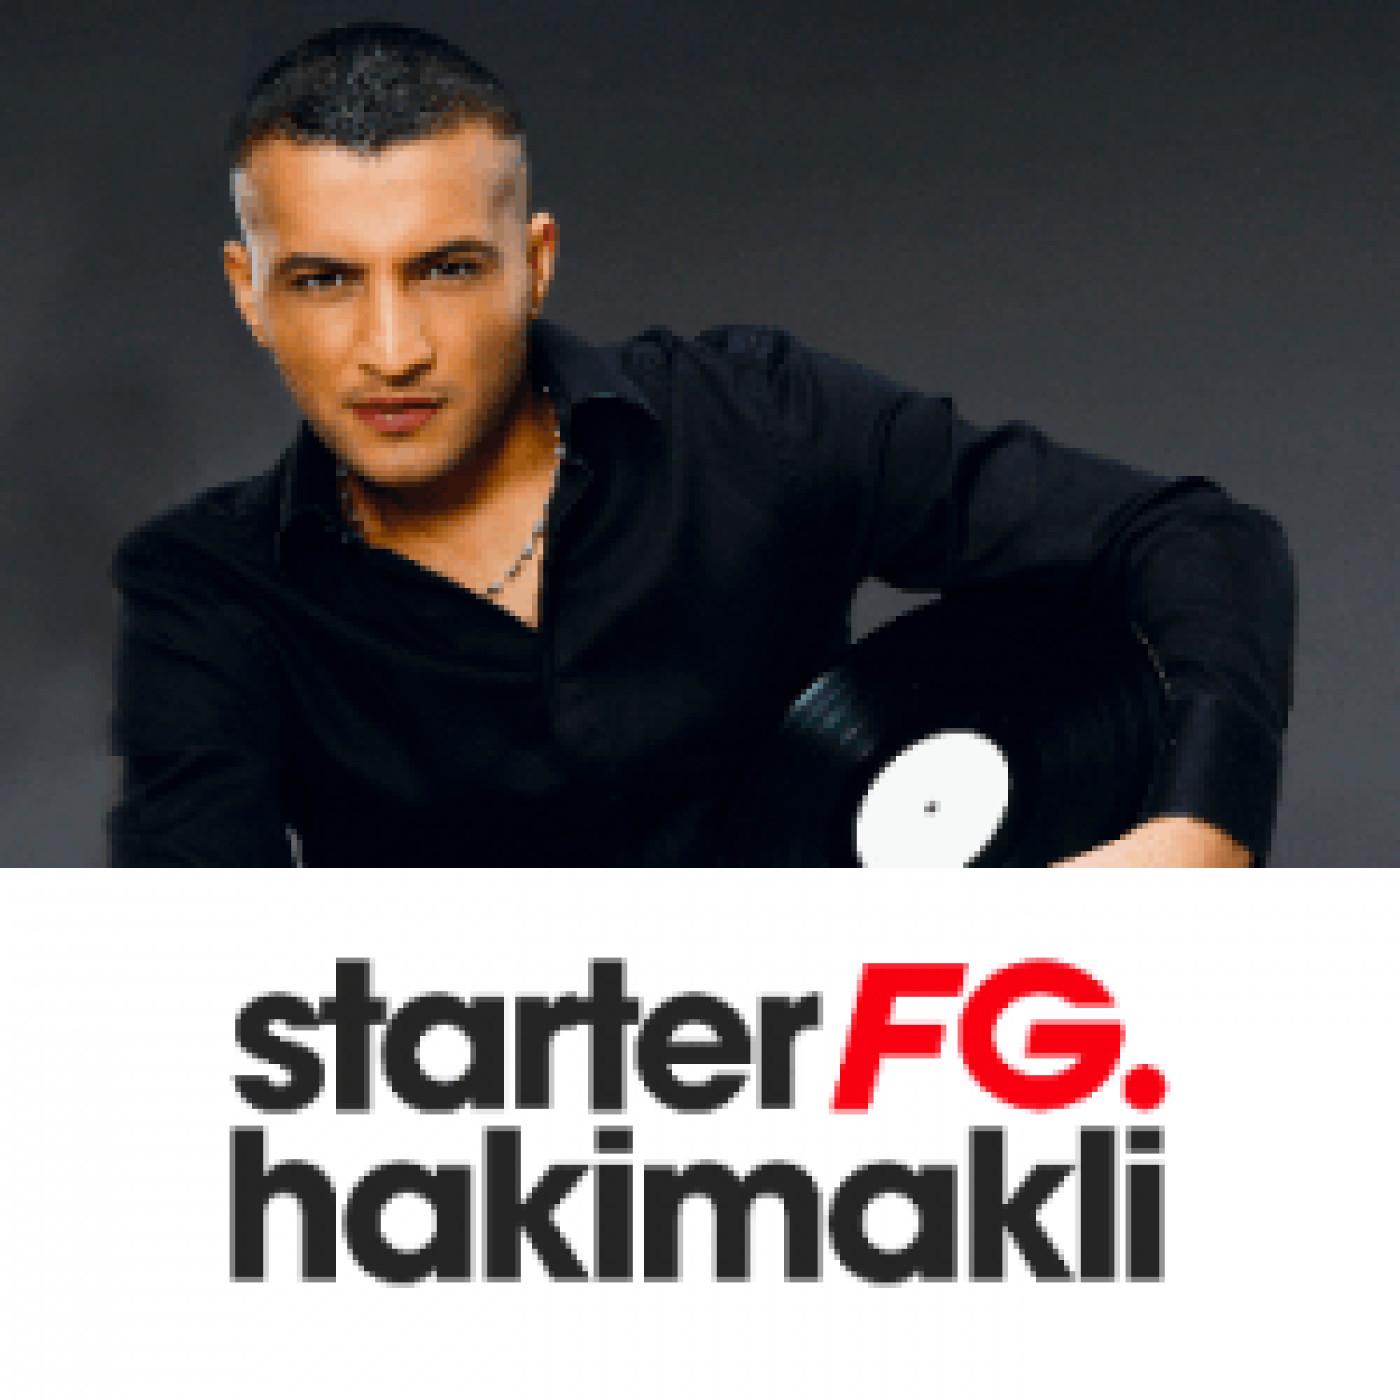 STARTER FG BY HAKIMAKLI LUNDI 28 SEPTEMBRE 2020